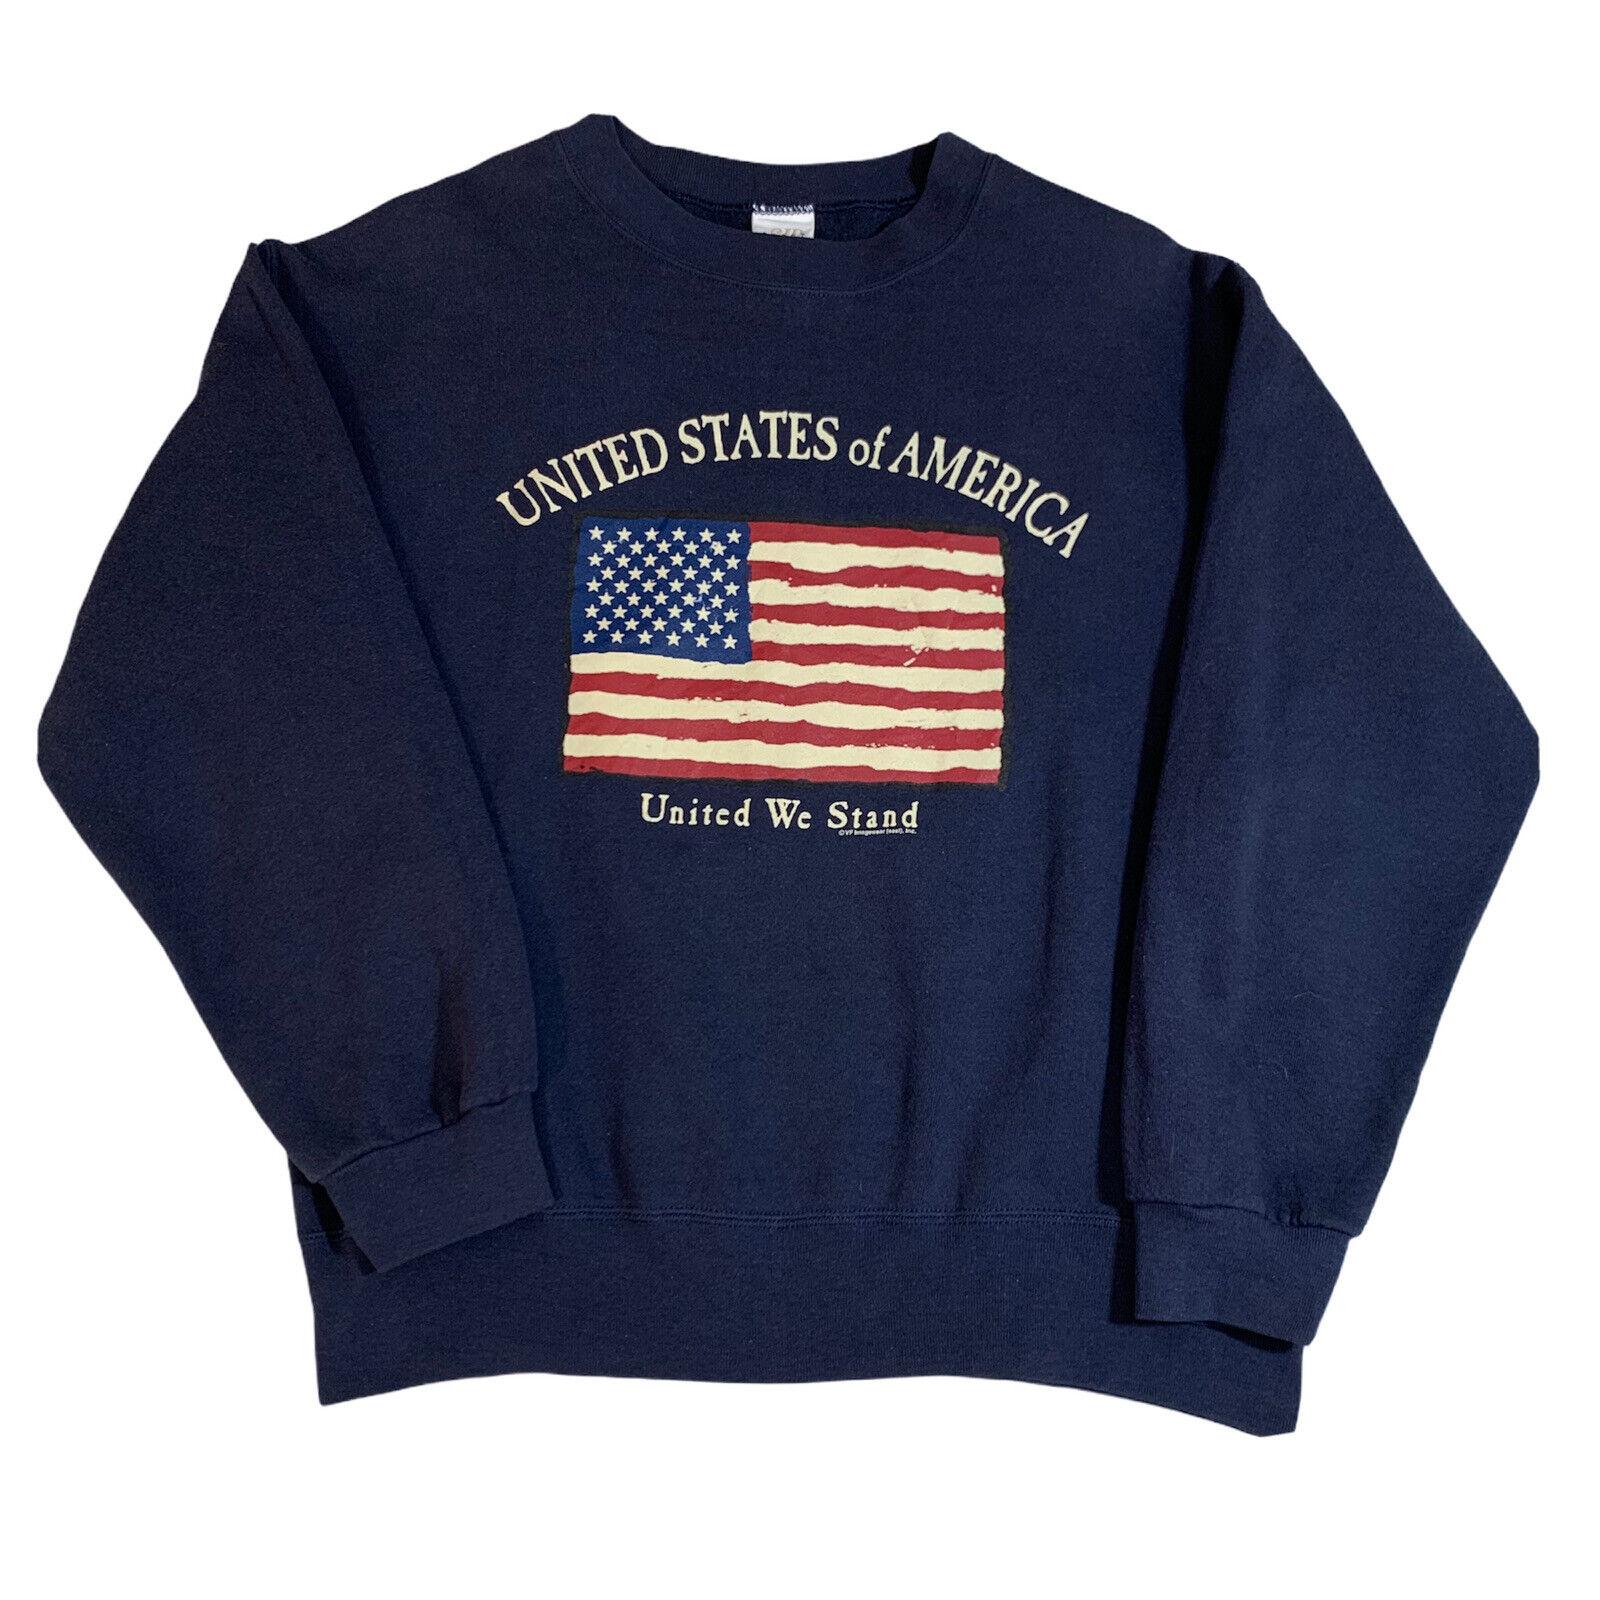 Vintage United States of America United We Stand Sweatshirt - Medium - 90s